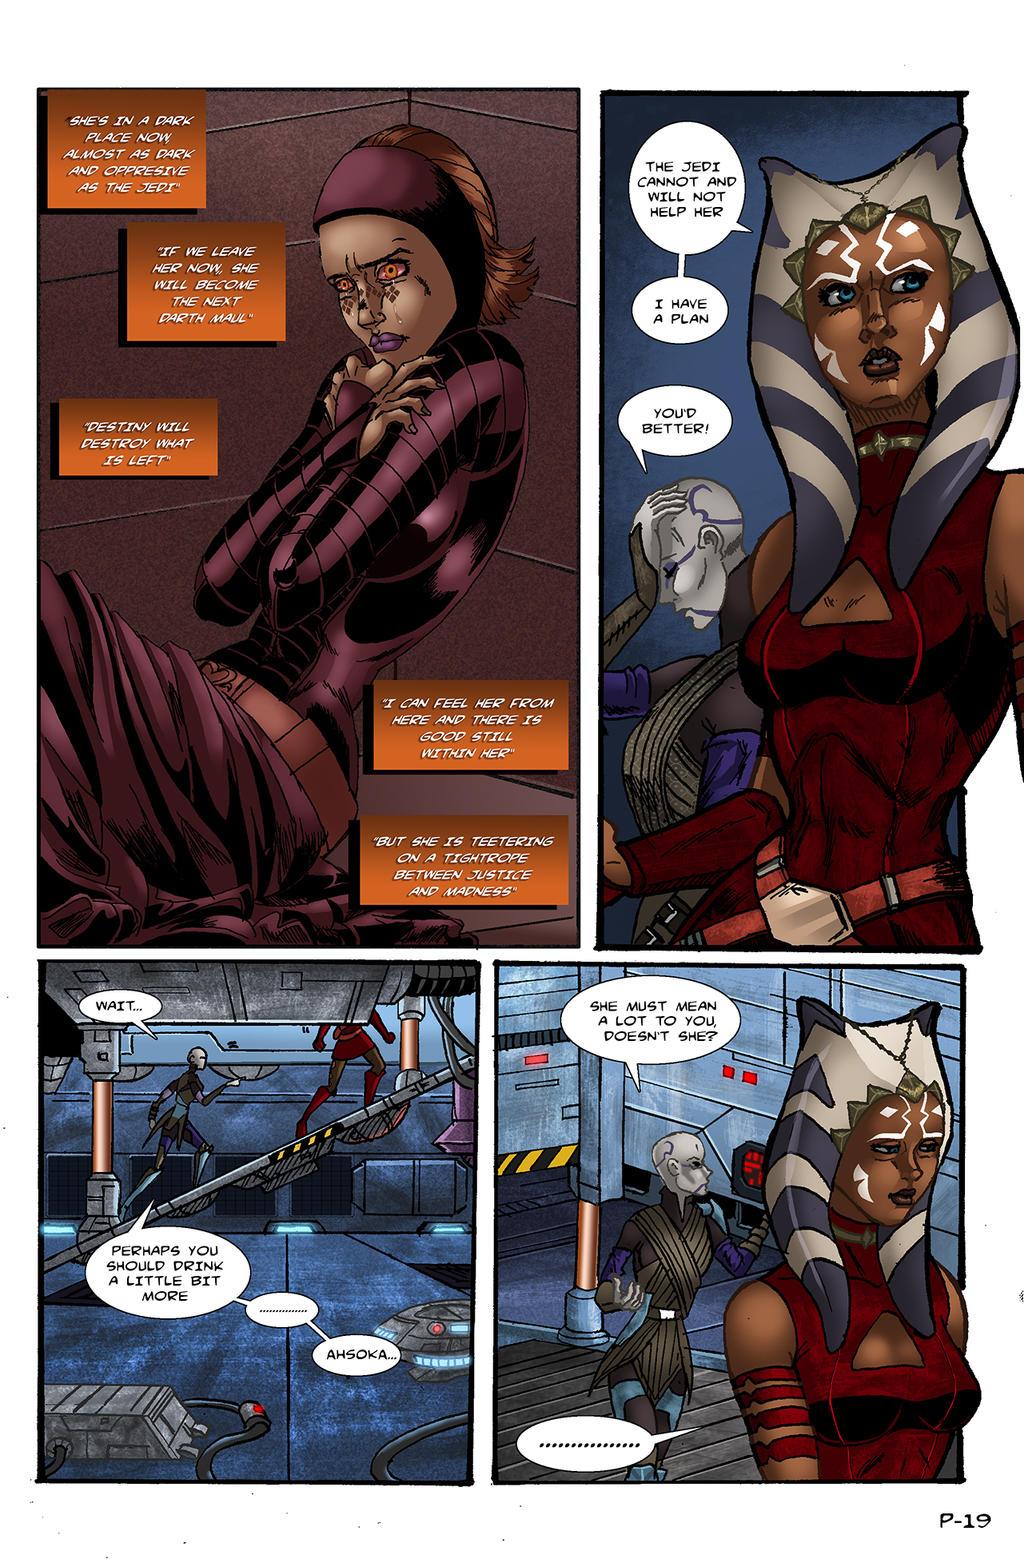 Tdotl Page 19